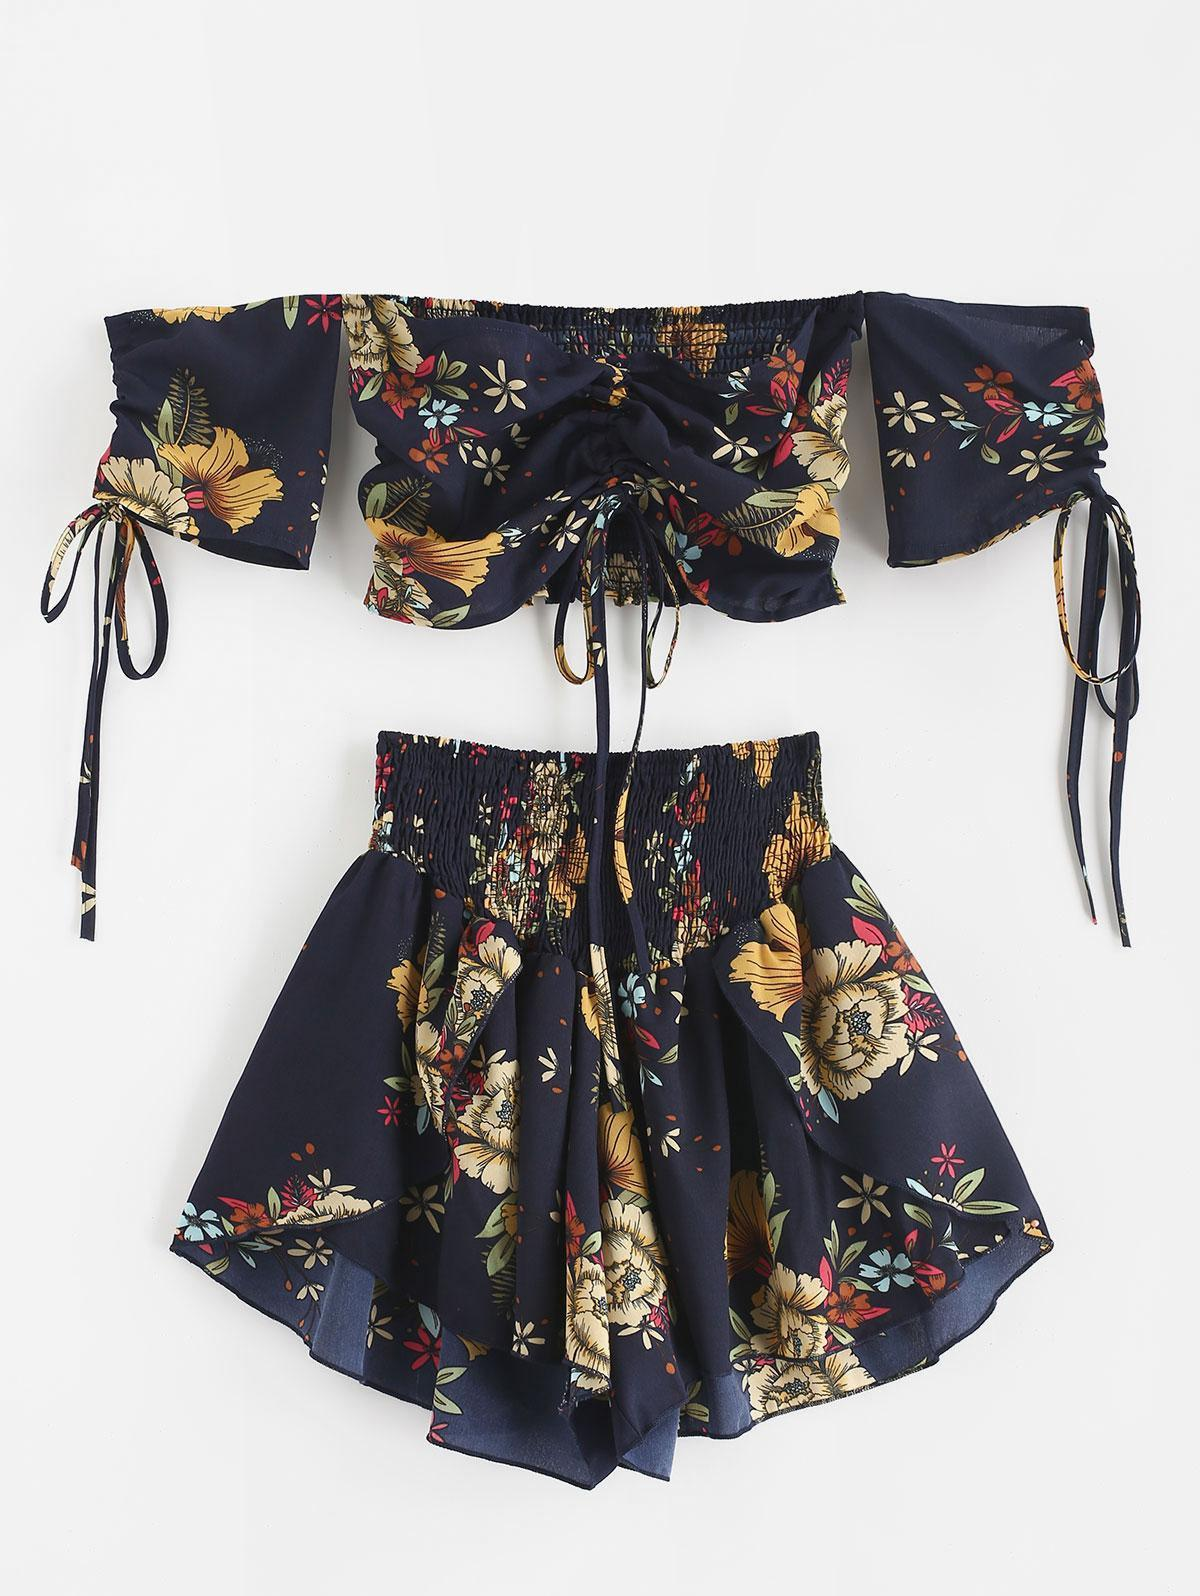 Nouveau Femmes Bohême épaules Cinched Floral Set - minuit Blue Beach Automne Boho Vestidos Robe Boho